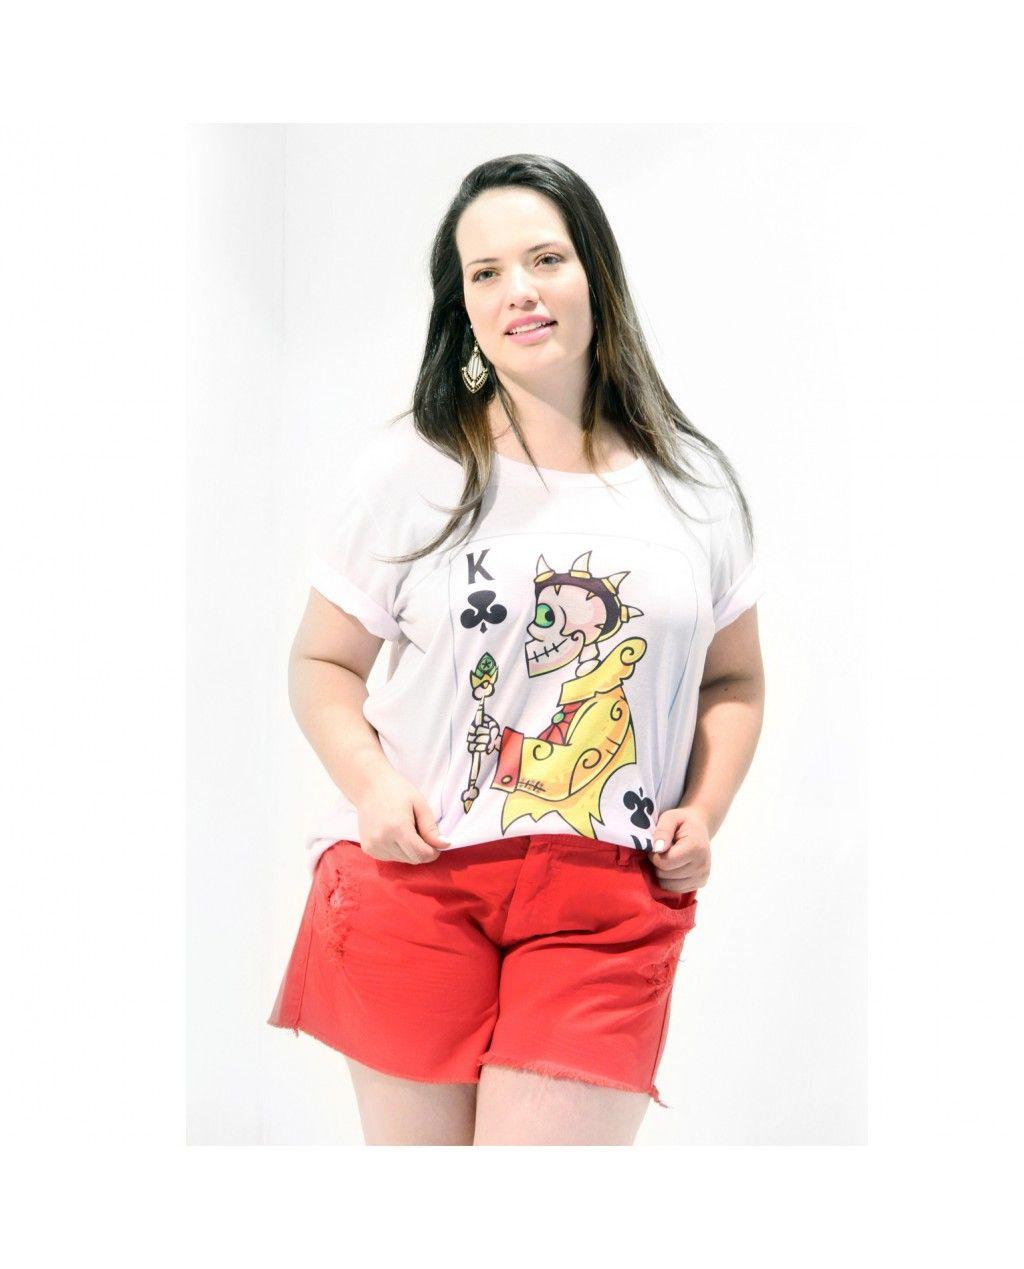 #Camiseta Rei de Paus  Da Morte Divertida  Camiseta manga curta feminina;  Com motivos divertidos;  Em malha mista, #PlusSize;  Tudo de bom, para um dia em que você está feliz com a vida!  Esta camiseta é muito confortável.  Marca VICKTTORIA VICK  Composição Têxtil:  95%Poliester  05% Elastano         #camisetaplussize #mortedivertida #camiseamangacurta #camisetagramde #feitonobrasil